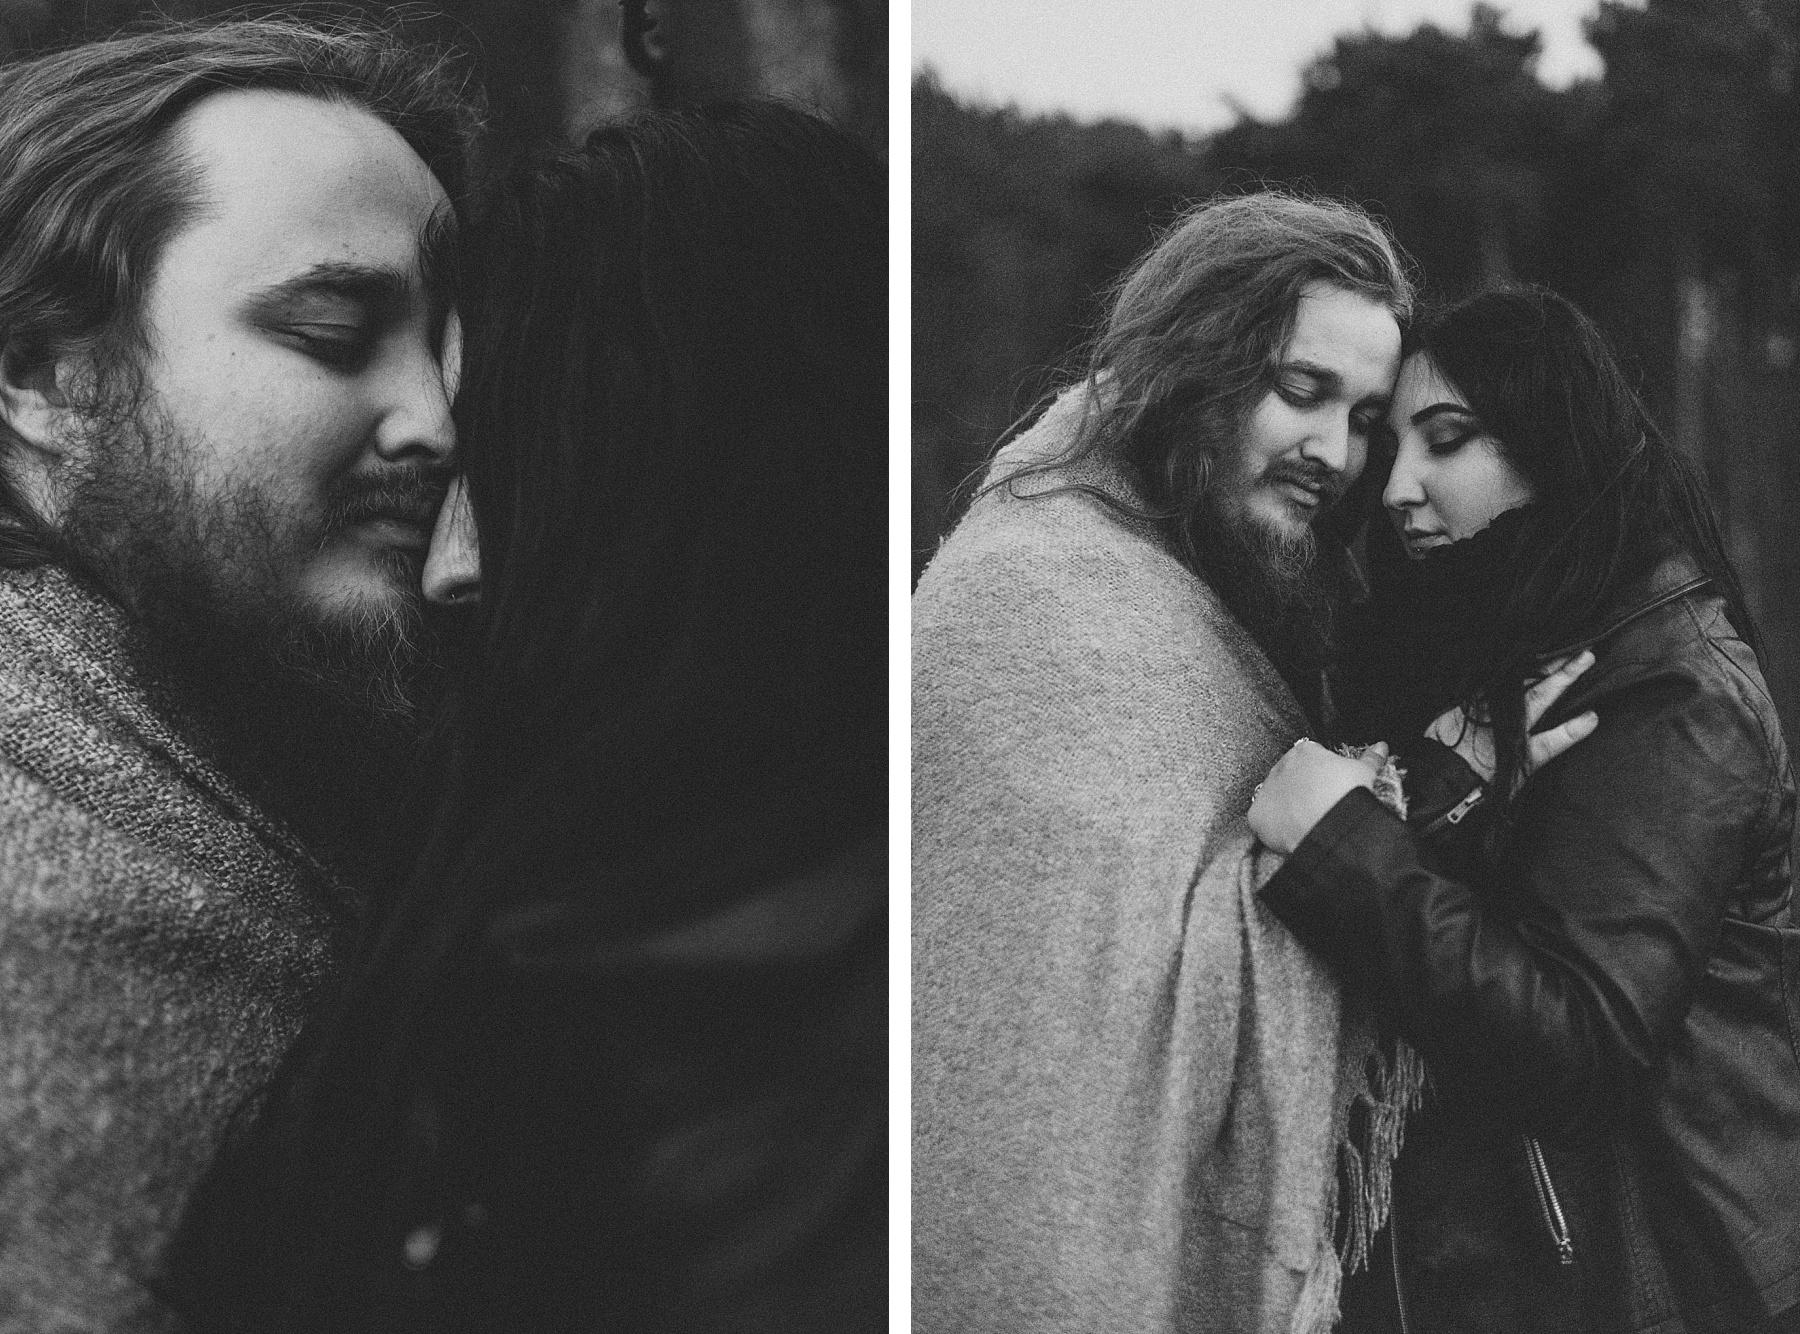 black & white image of alternative couple